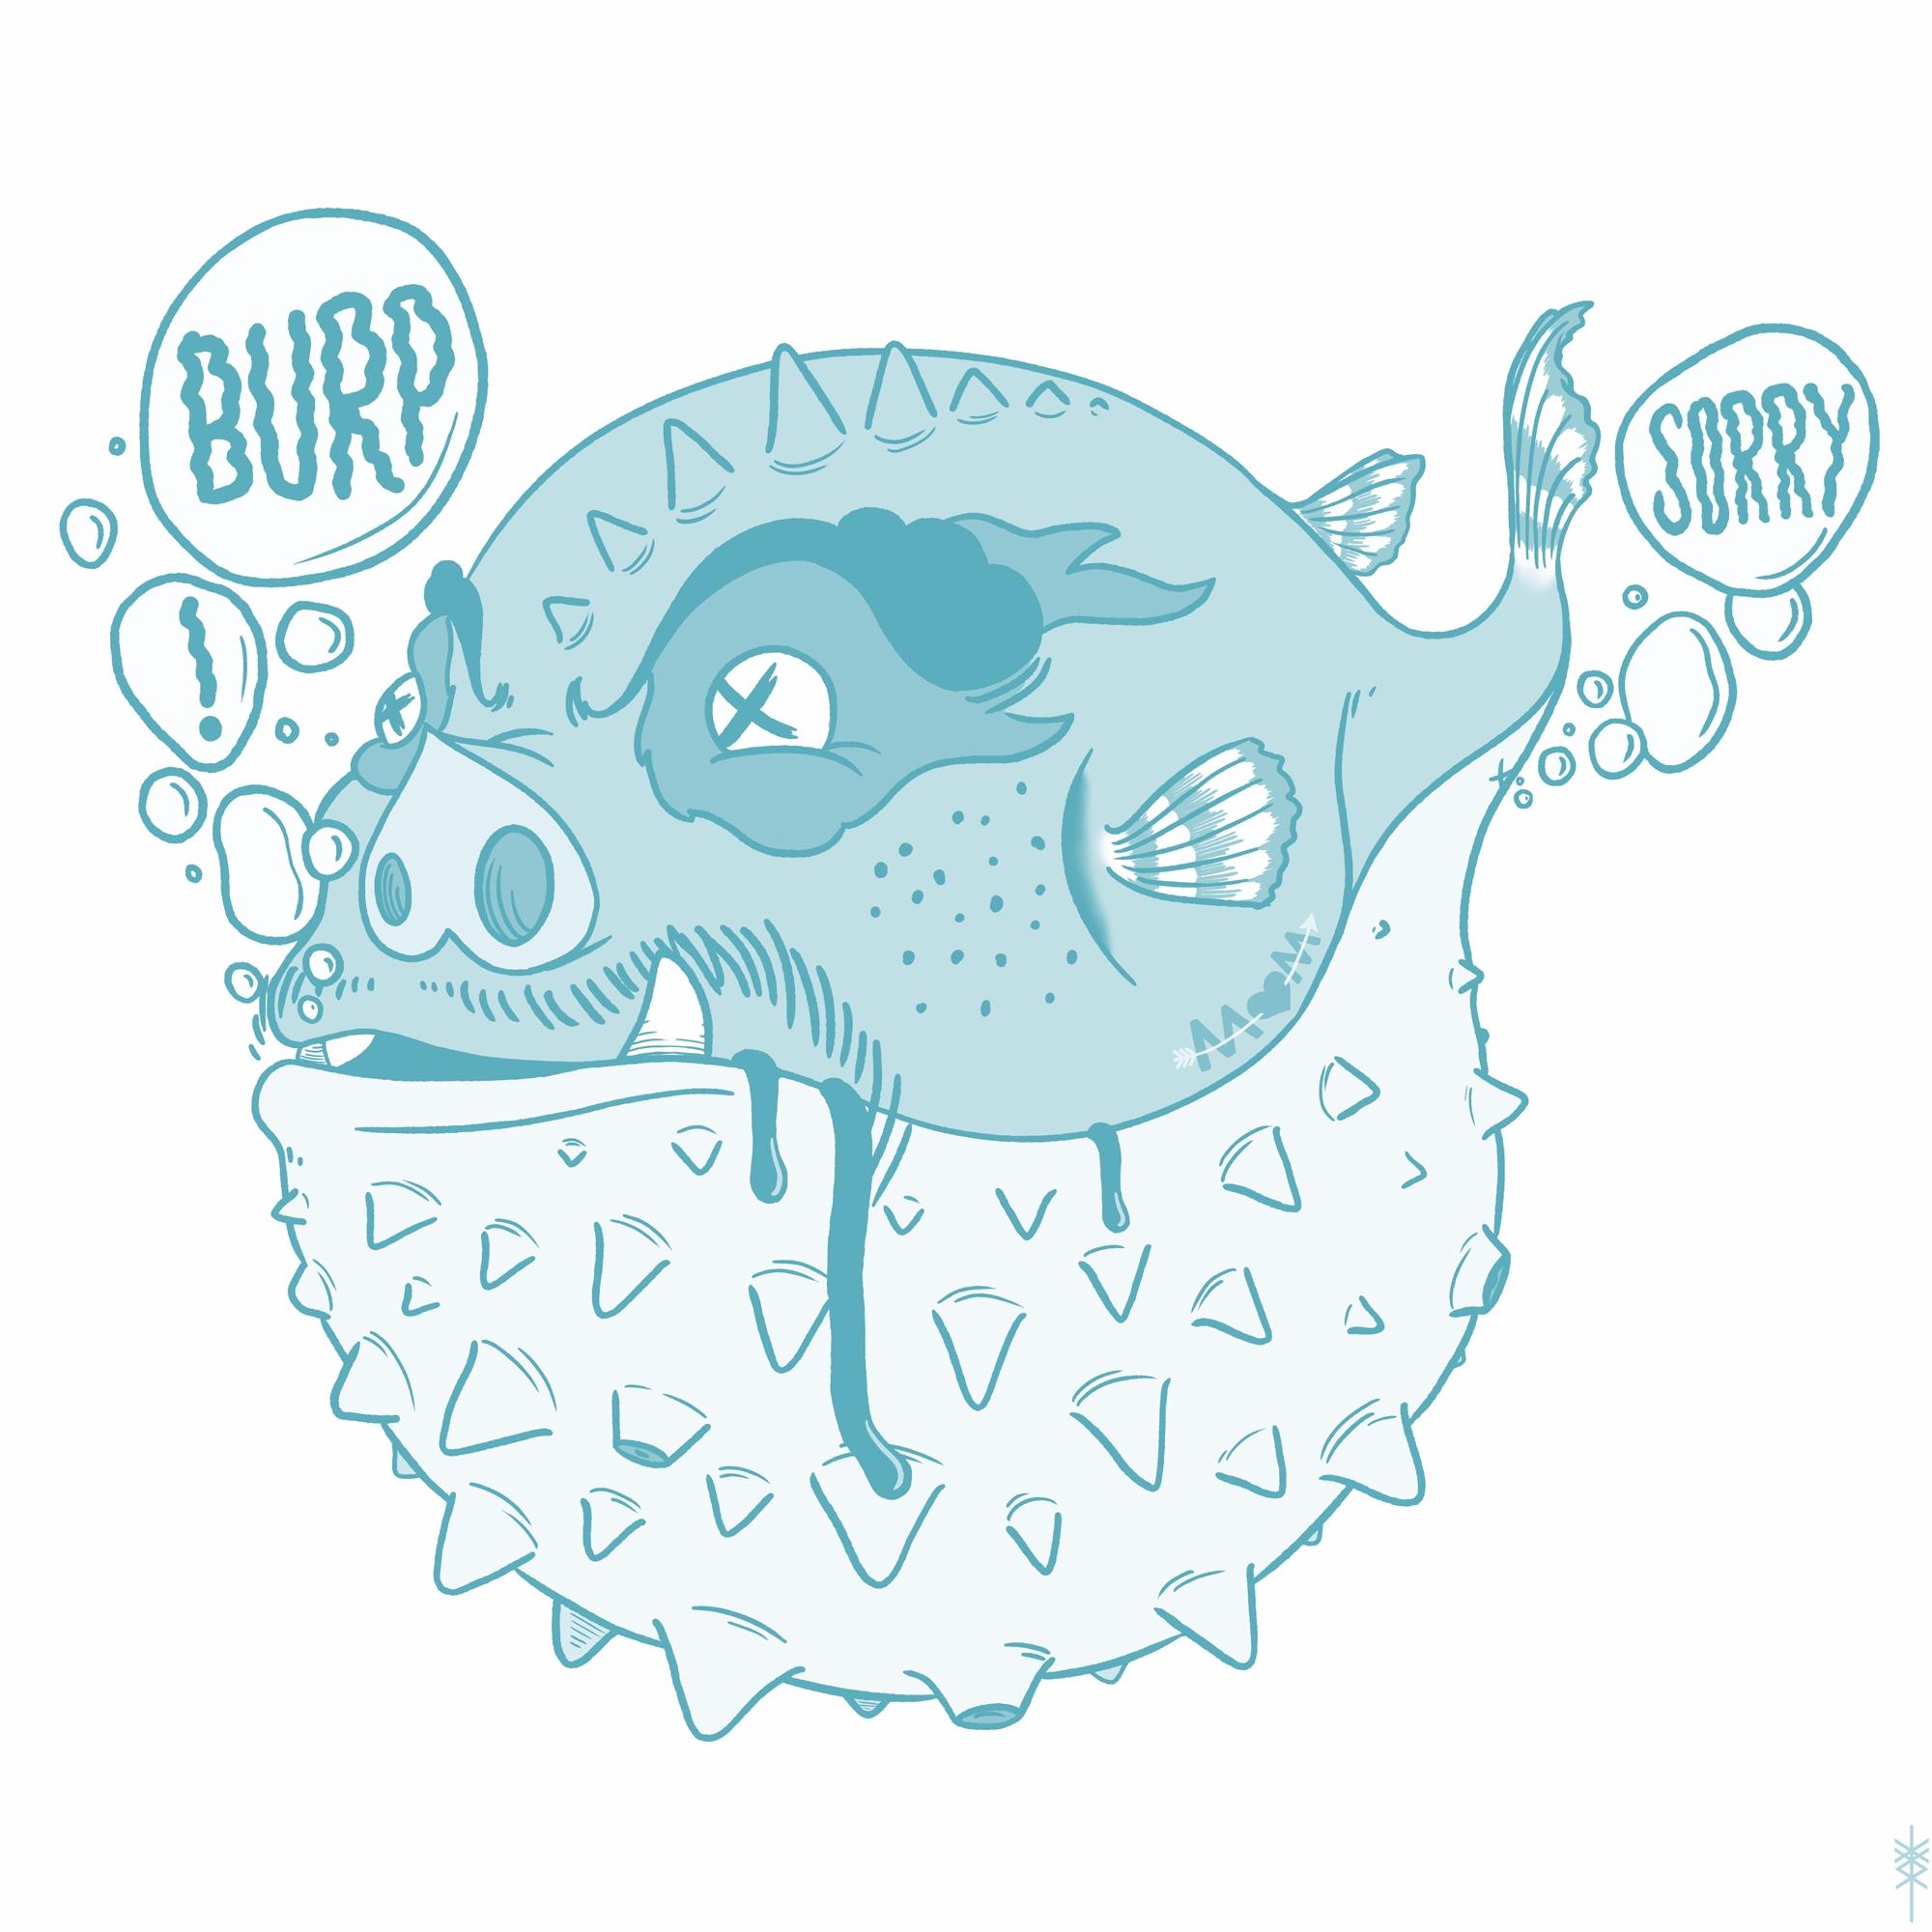 BURPFISH gassy fish - iamstml | ello